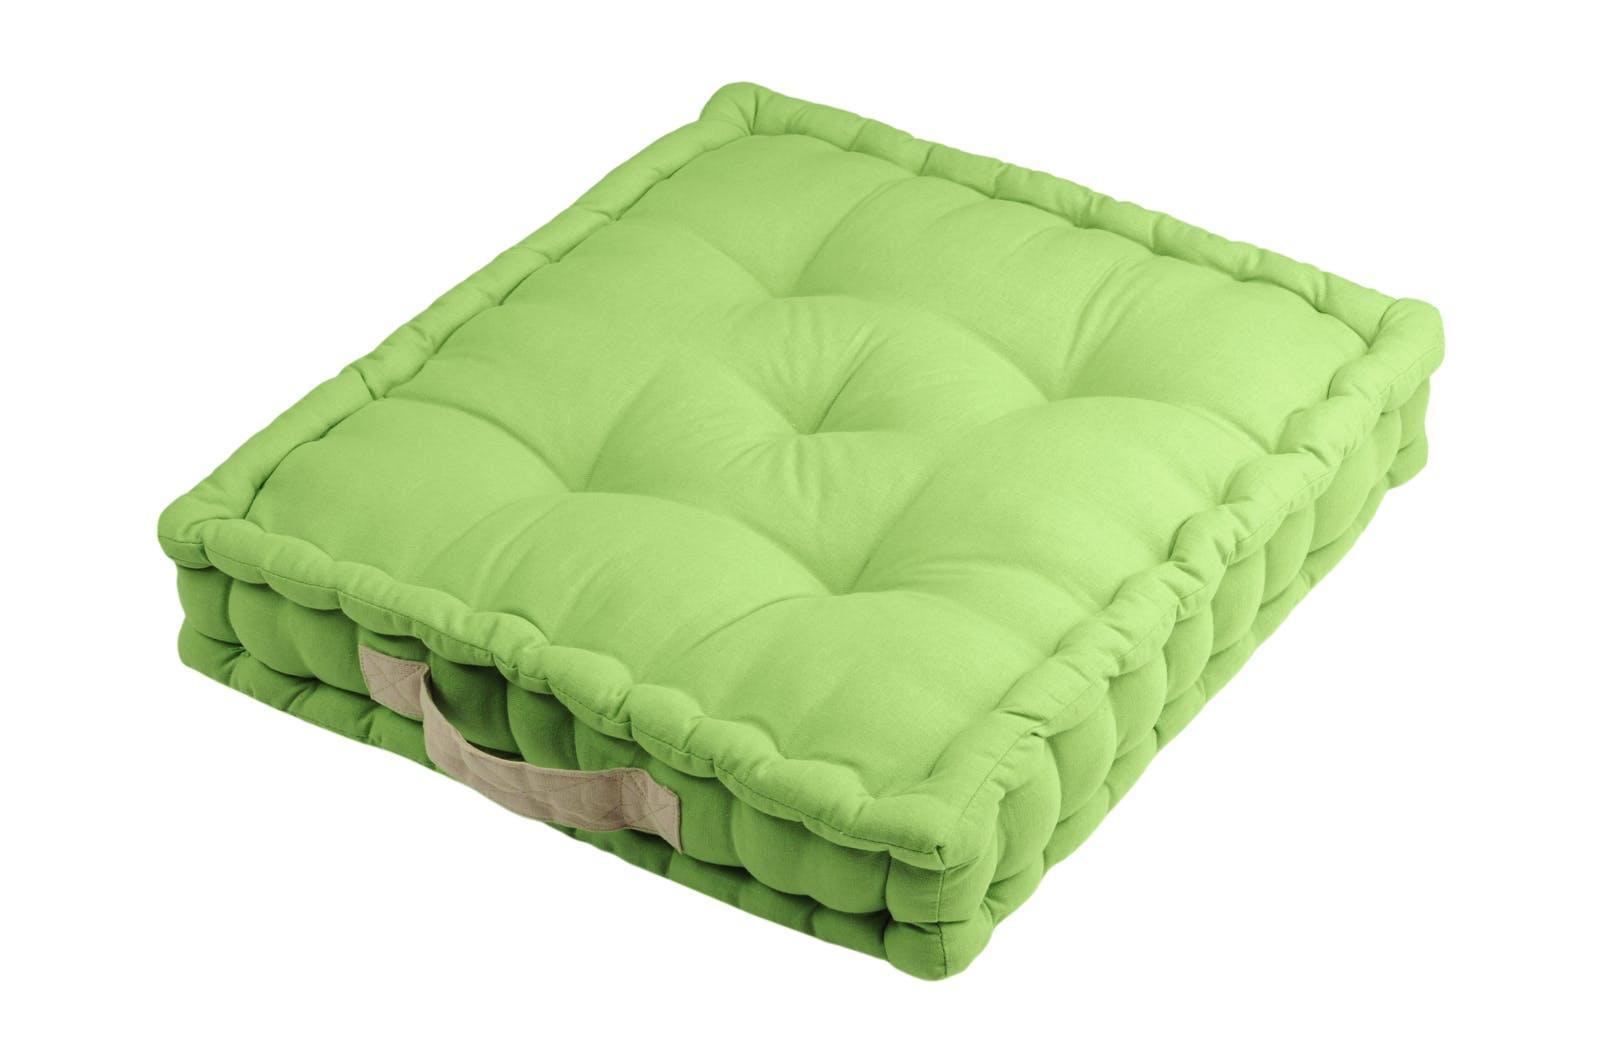 Coussin de sol vert poignée couleur lin 45x45x10cm 100% coton DUO